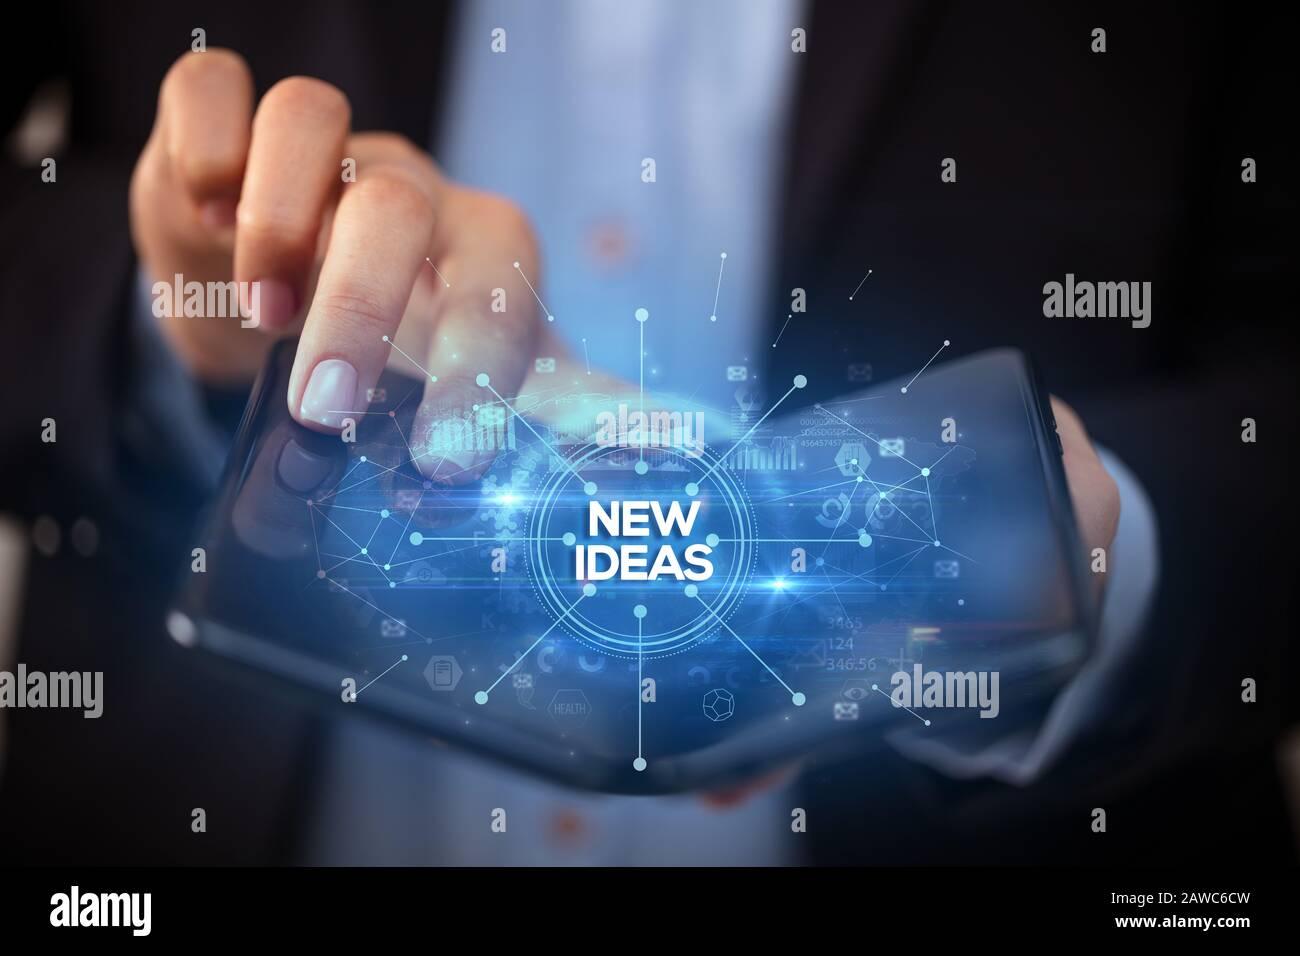 Businessman holding a smartphone pliable avec de nouvelles idées, inscription nouveau concept commercial Banque D'Images